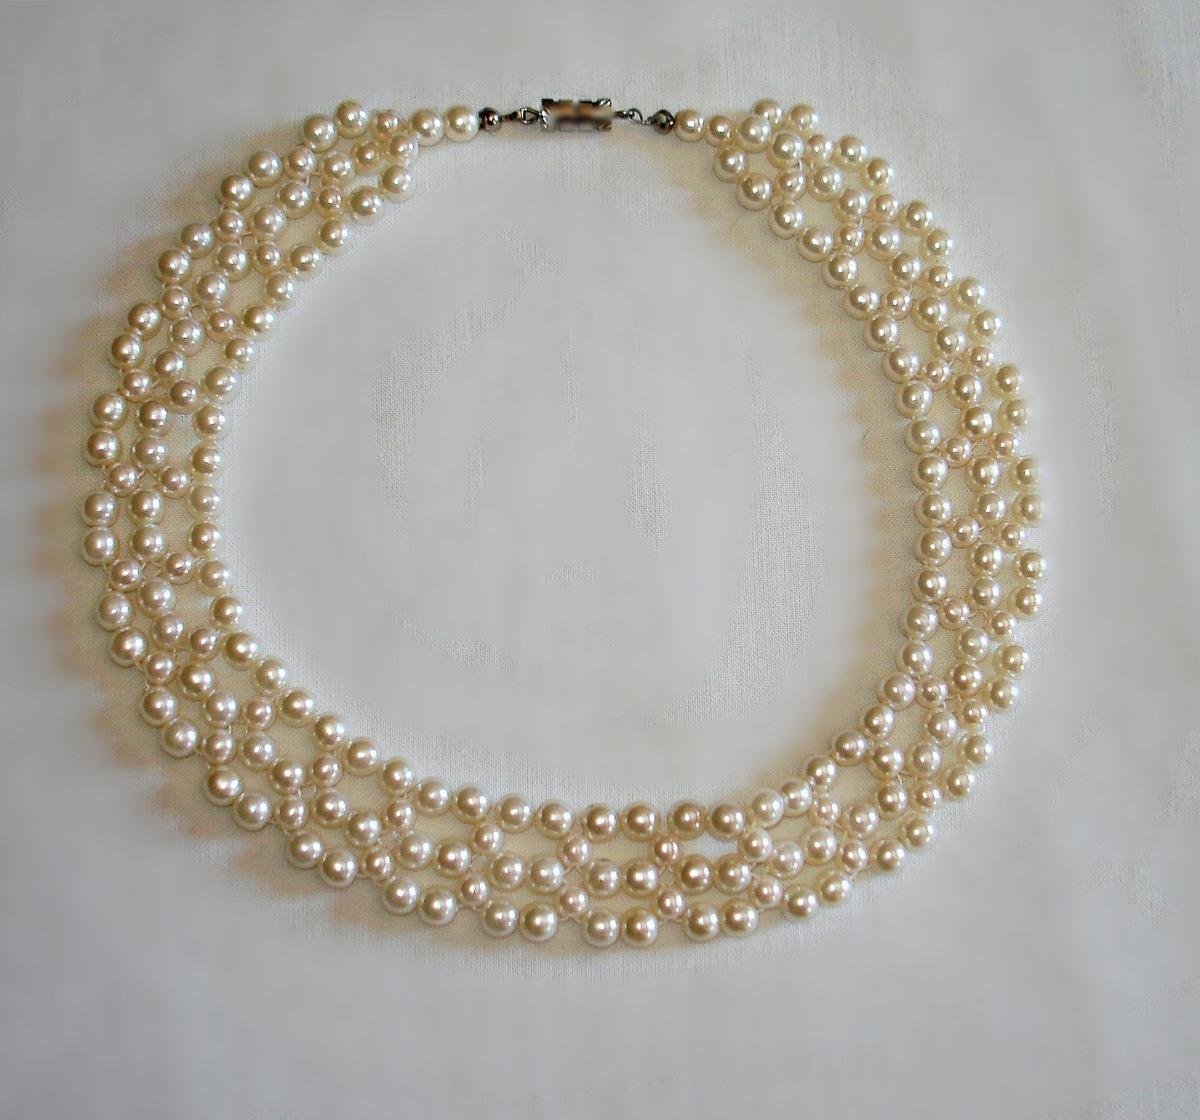 180c8dcd7b5a Collar Gargantilla Perlas De Fantasía Nuevo 38 Cm -   38.000 en ...